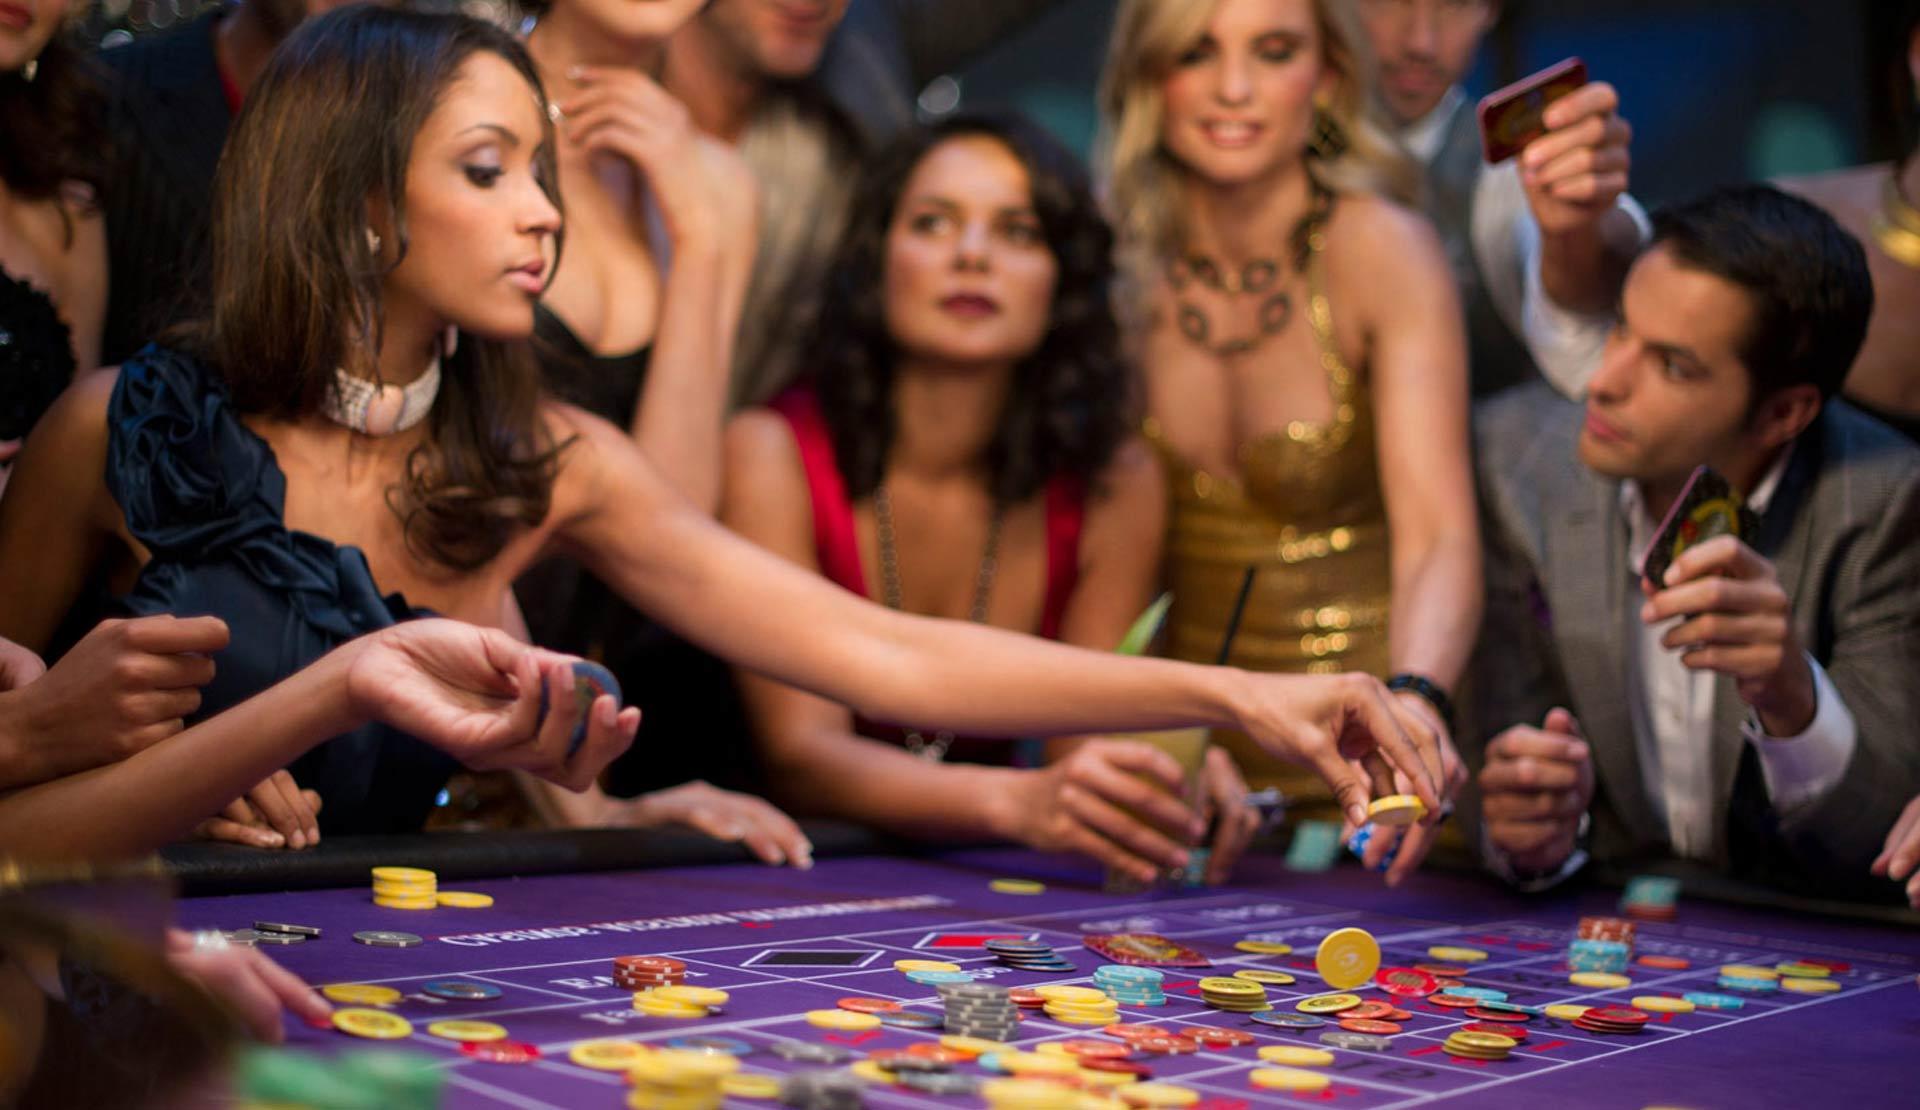 Quelle est la tenue adaptée pour aller au casino ?